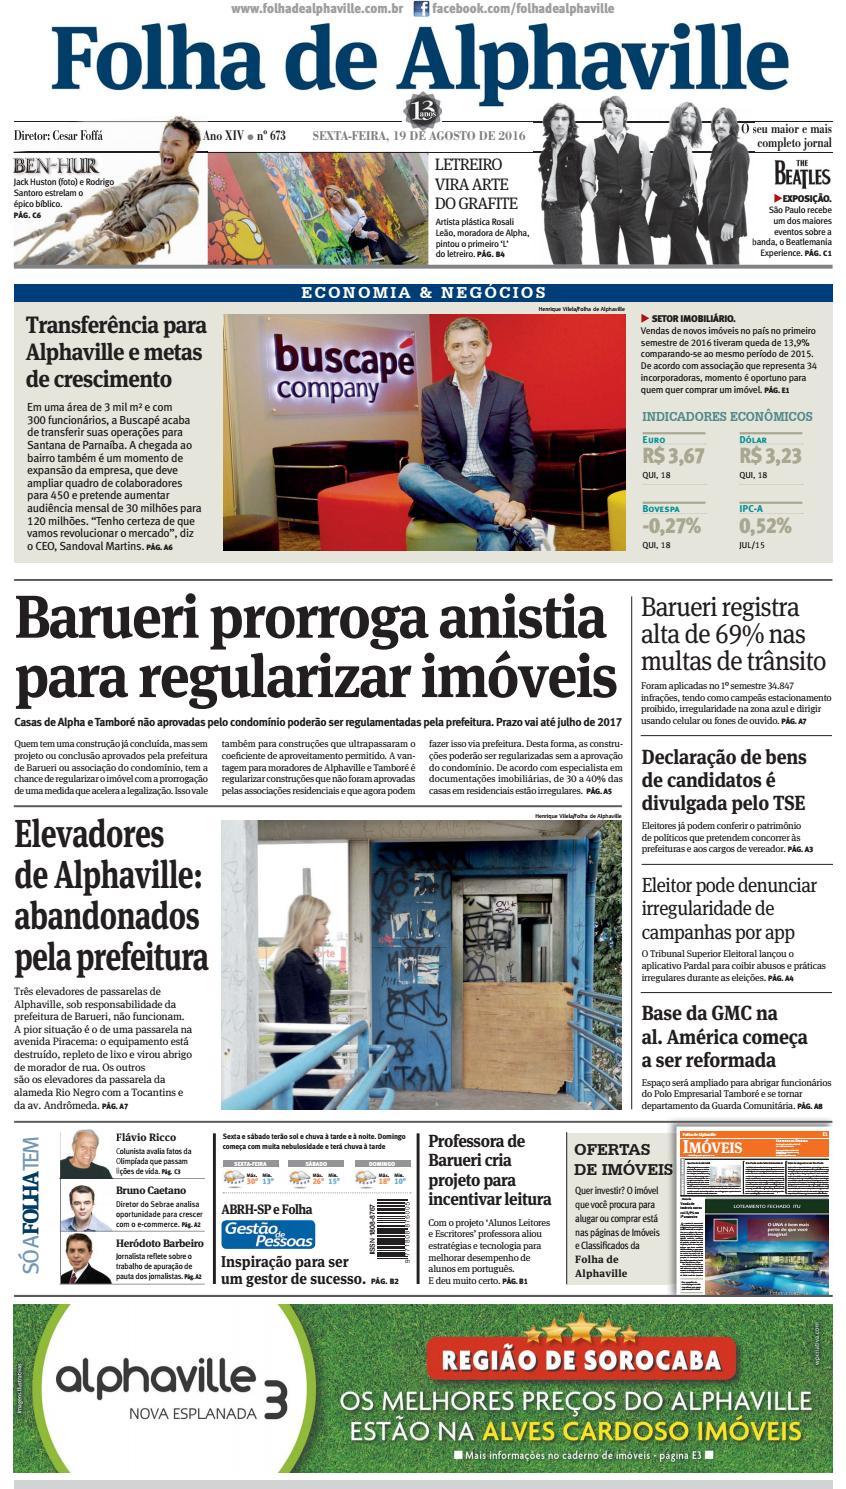 Edição 673 by Folha de Alphaville - issuu 46cccf7a7dc33